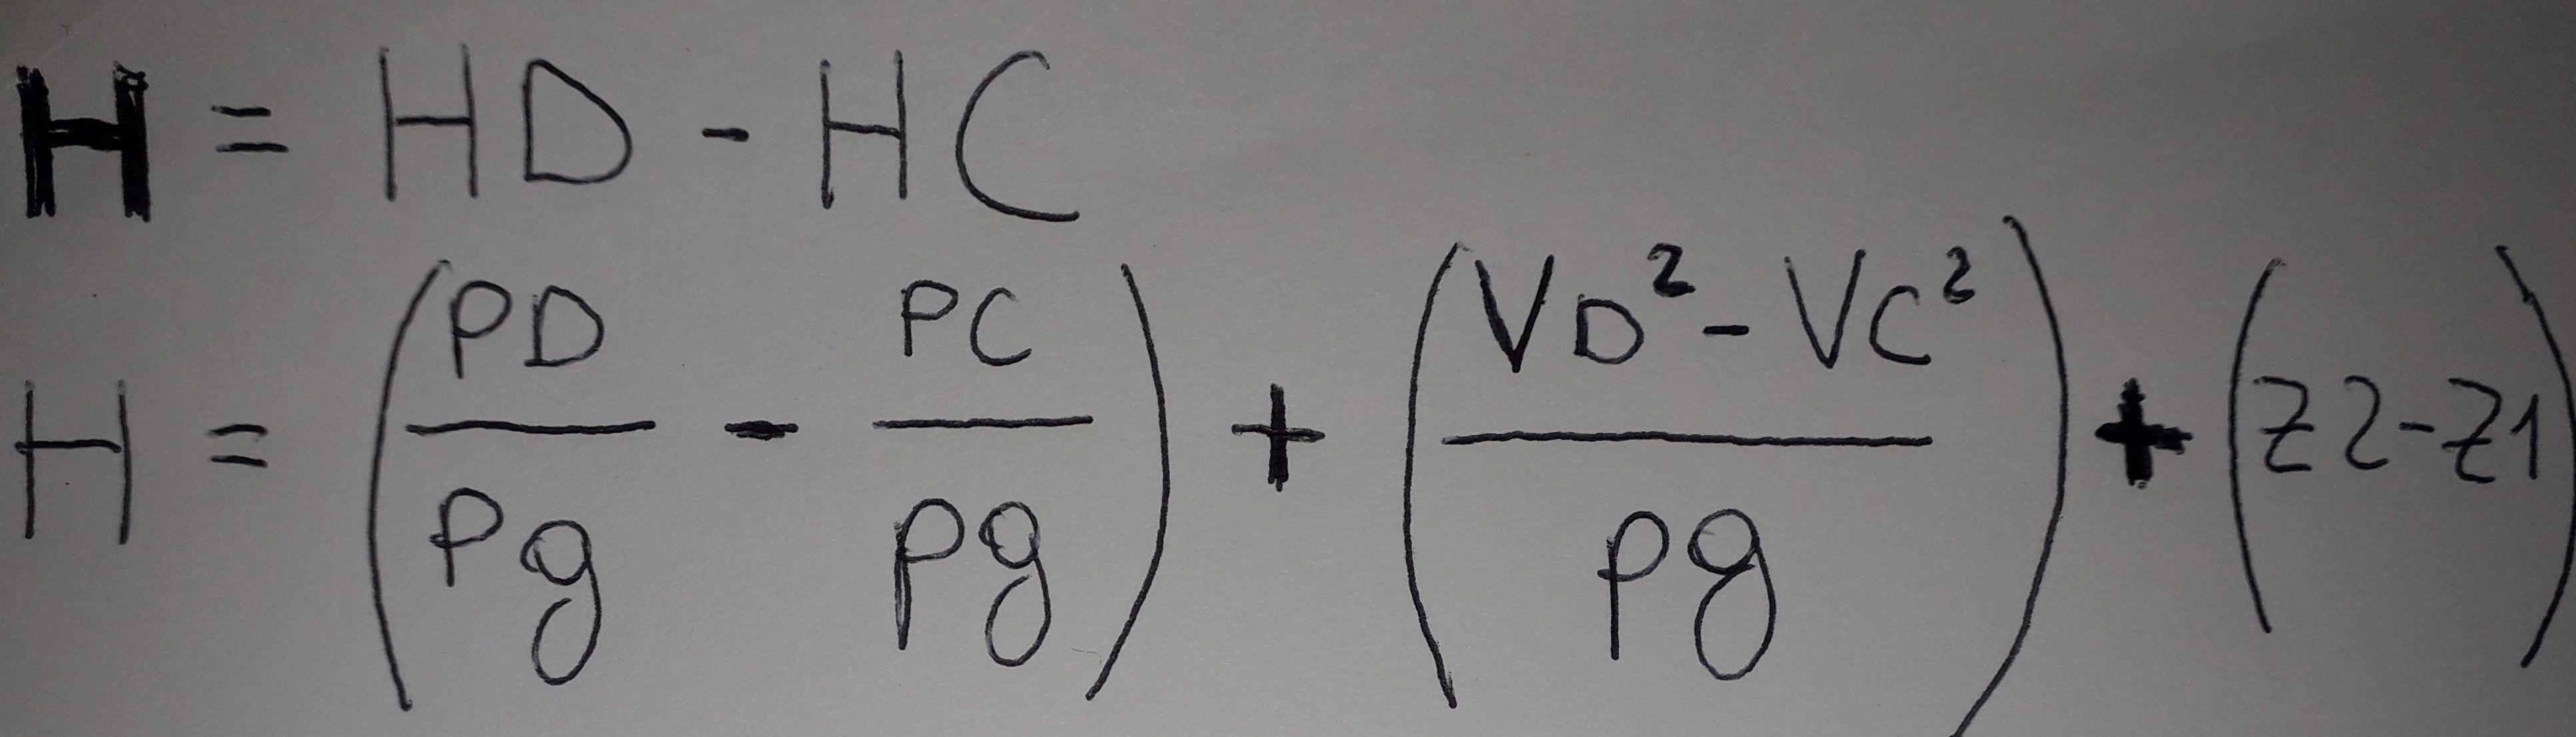 calcolo massimo carico pompa centrifuga